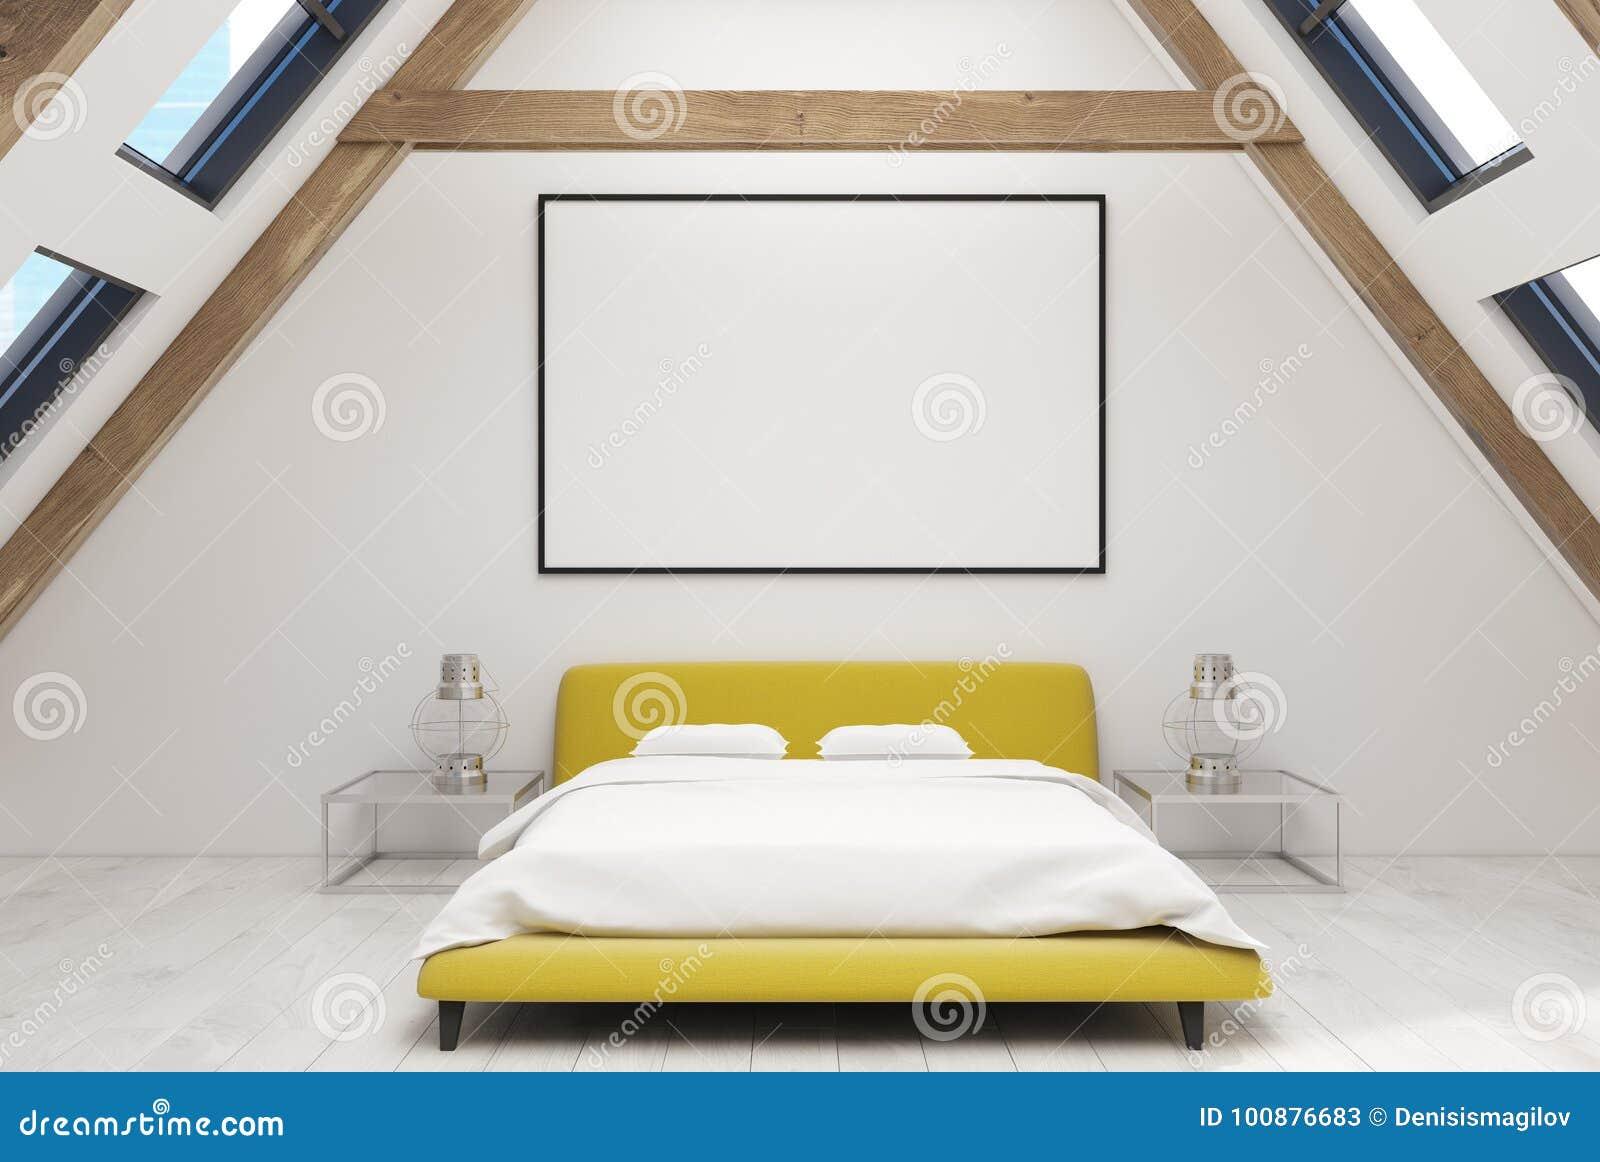 Chambre à Coucher Blanche De Grenier Intérieure, Lit Jaune, Affiche ...